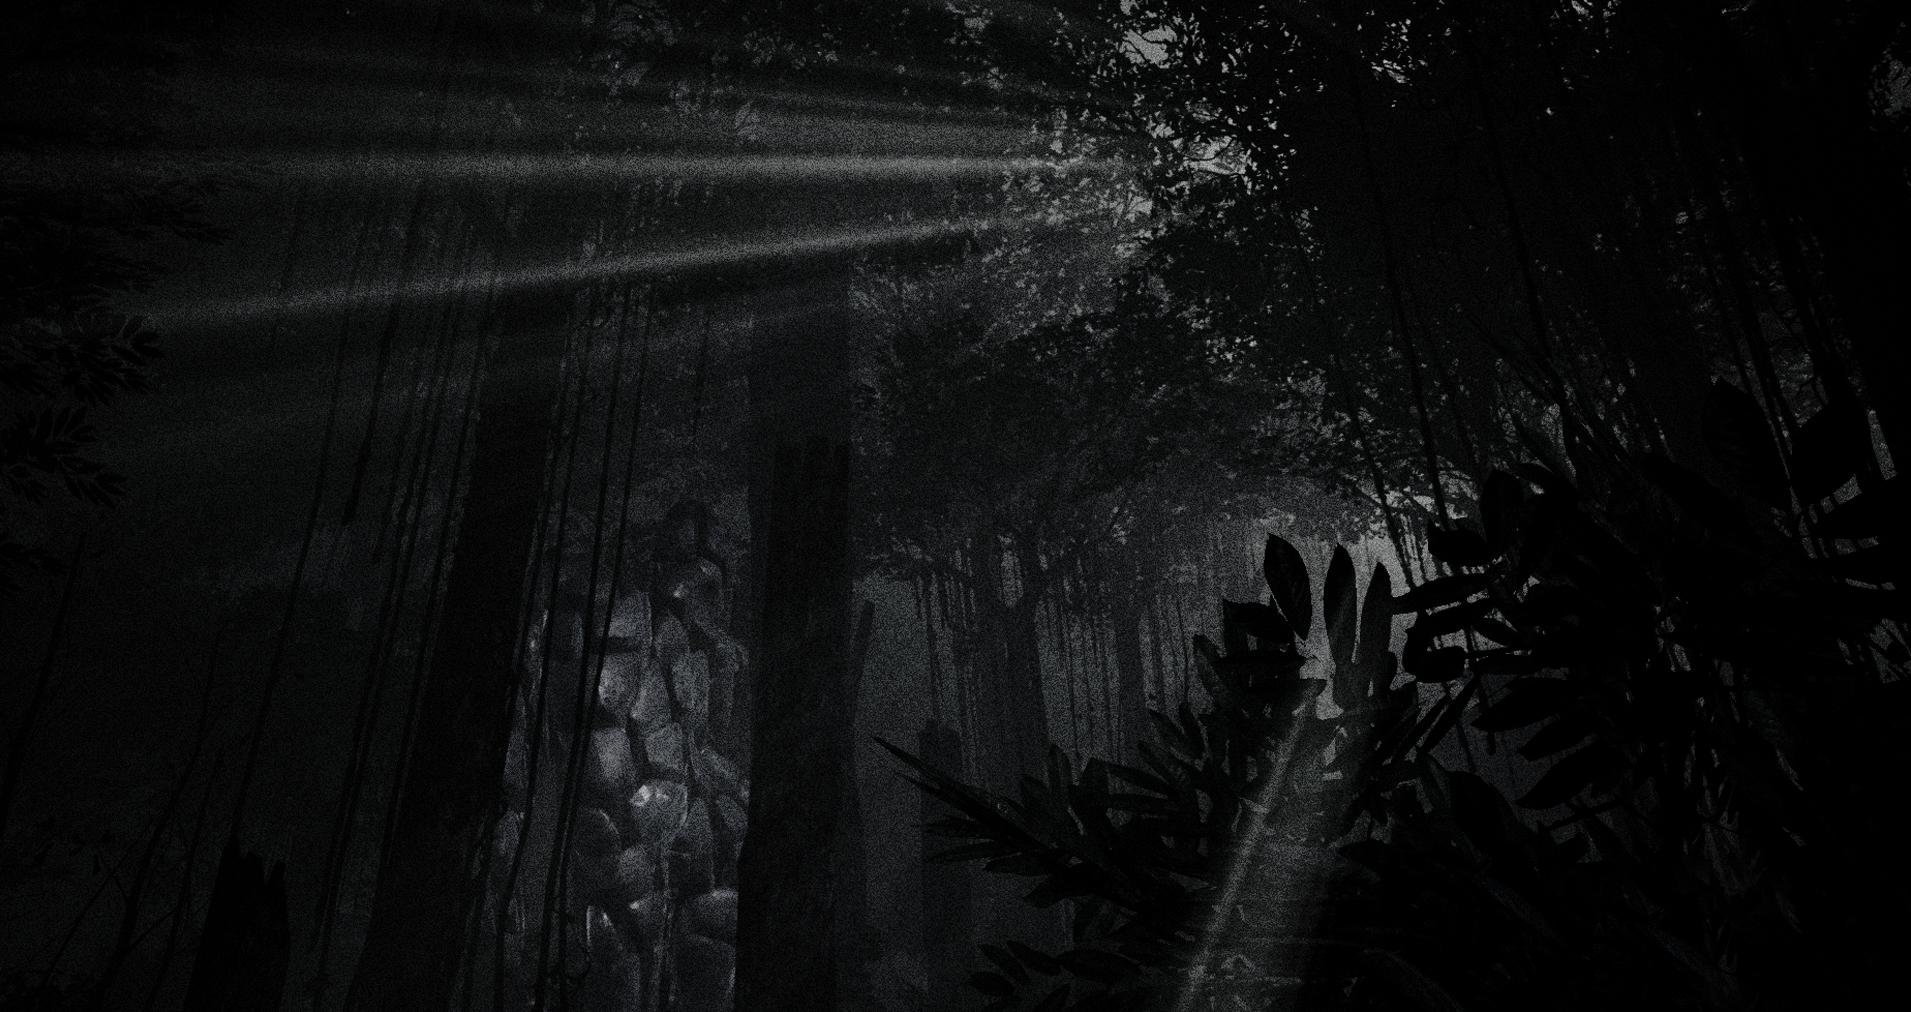 FOREST-SCULPTURE2.jpg